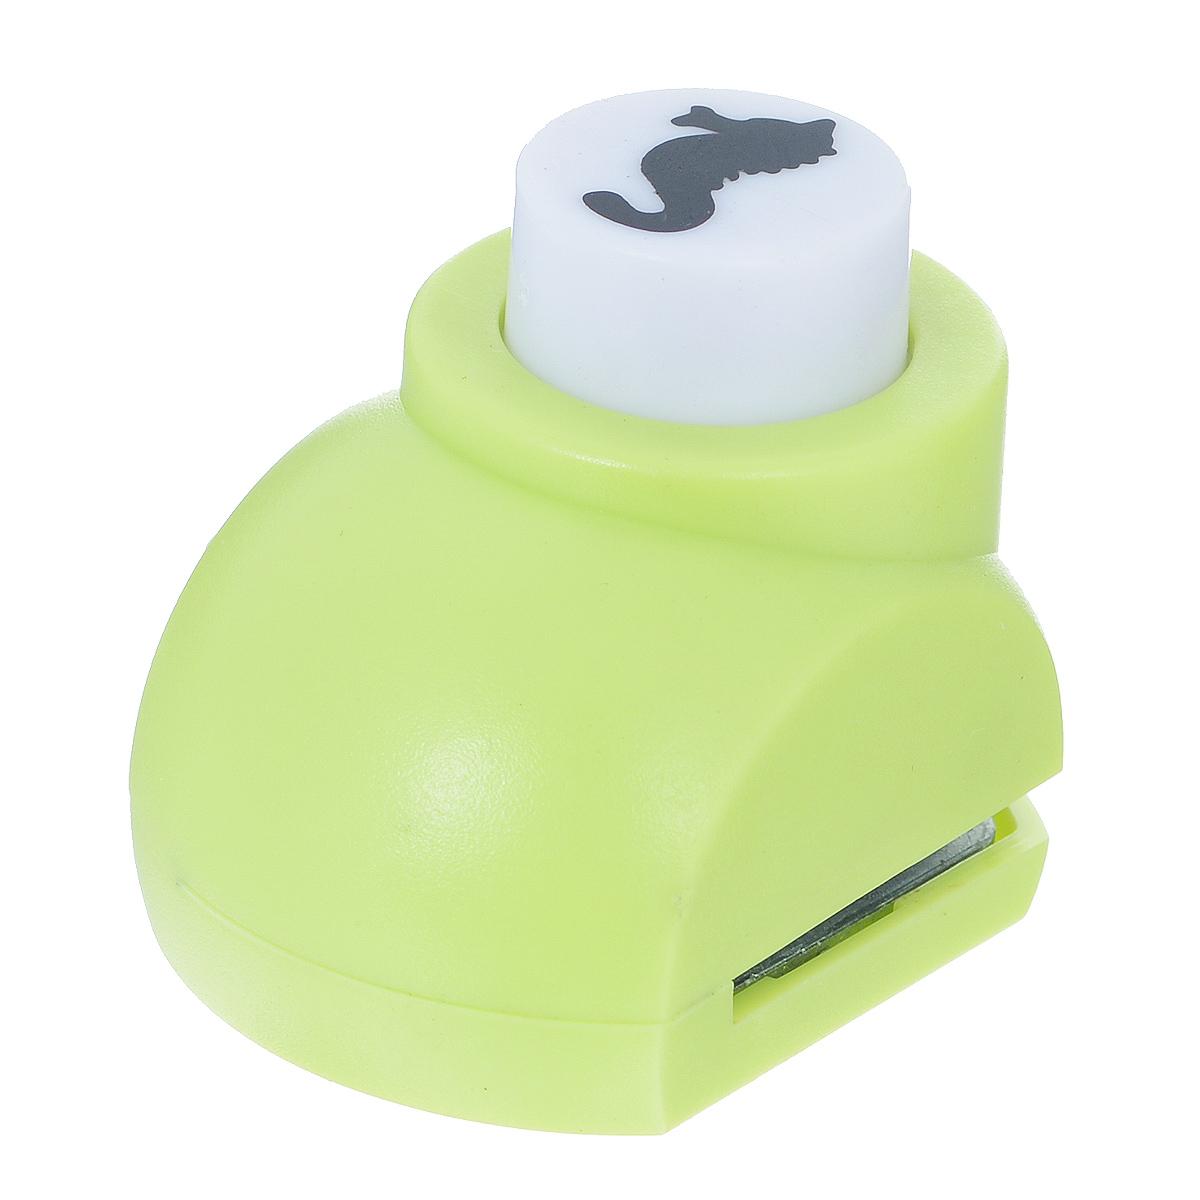 Дырокол фигурный Астра Морской конек. JF-8220102016Дырокол Астра Морской конек поможет вам легко, просто и аккуратно вырезать много одинаковых мелких фигурок.Режущие части компостера закрыты пластмассовым корпусом, что обеспечивает безопасность для детей. Можно использовать вырезанные мотивы как конфетти или для наклеивания. Дырокол подходит для разных техник: декупажа, скрапбукинга, декорирования.Размер дырокола: 4 см х 3 см х 4 см. Размер готовой фигурки: 1,5 см х 0,7 см.